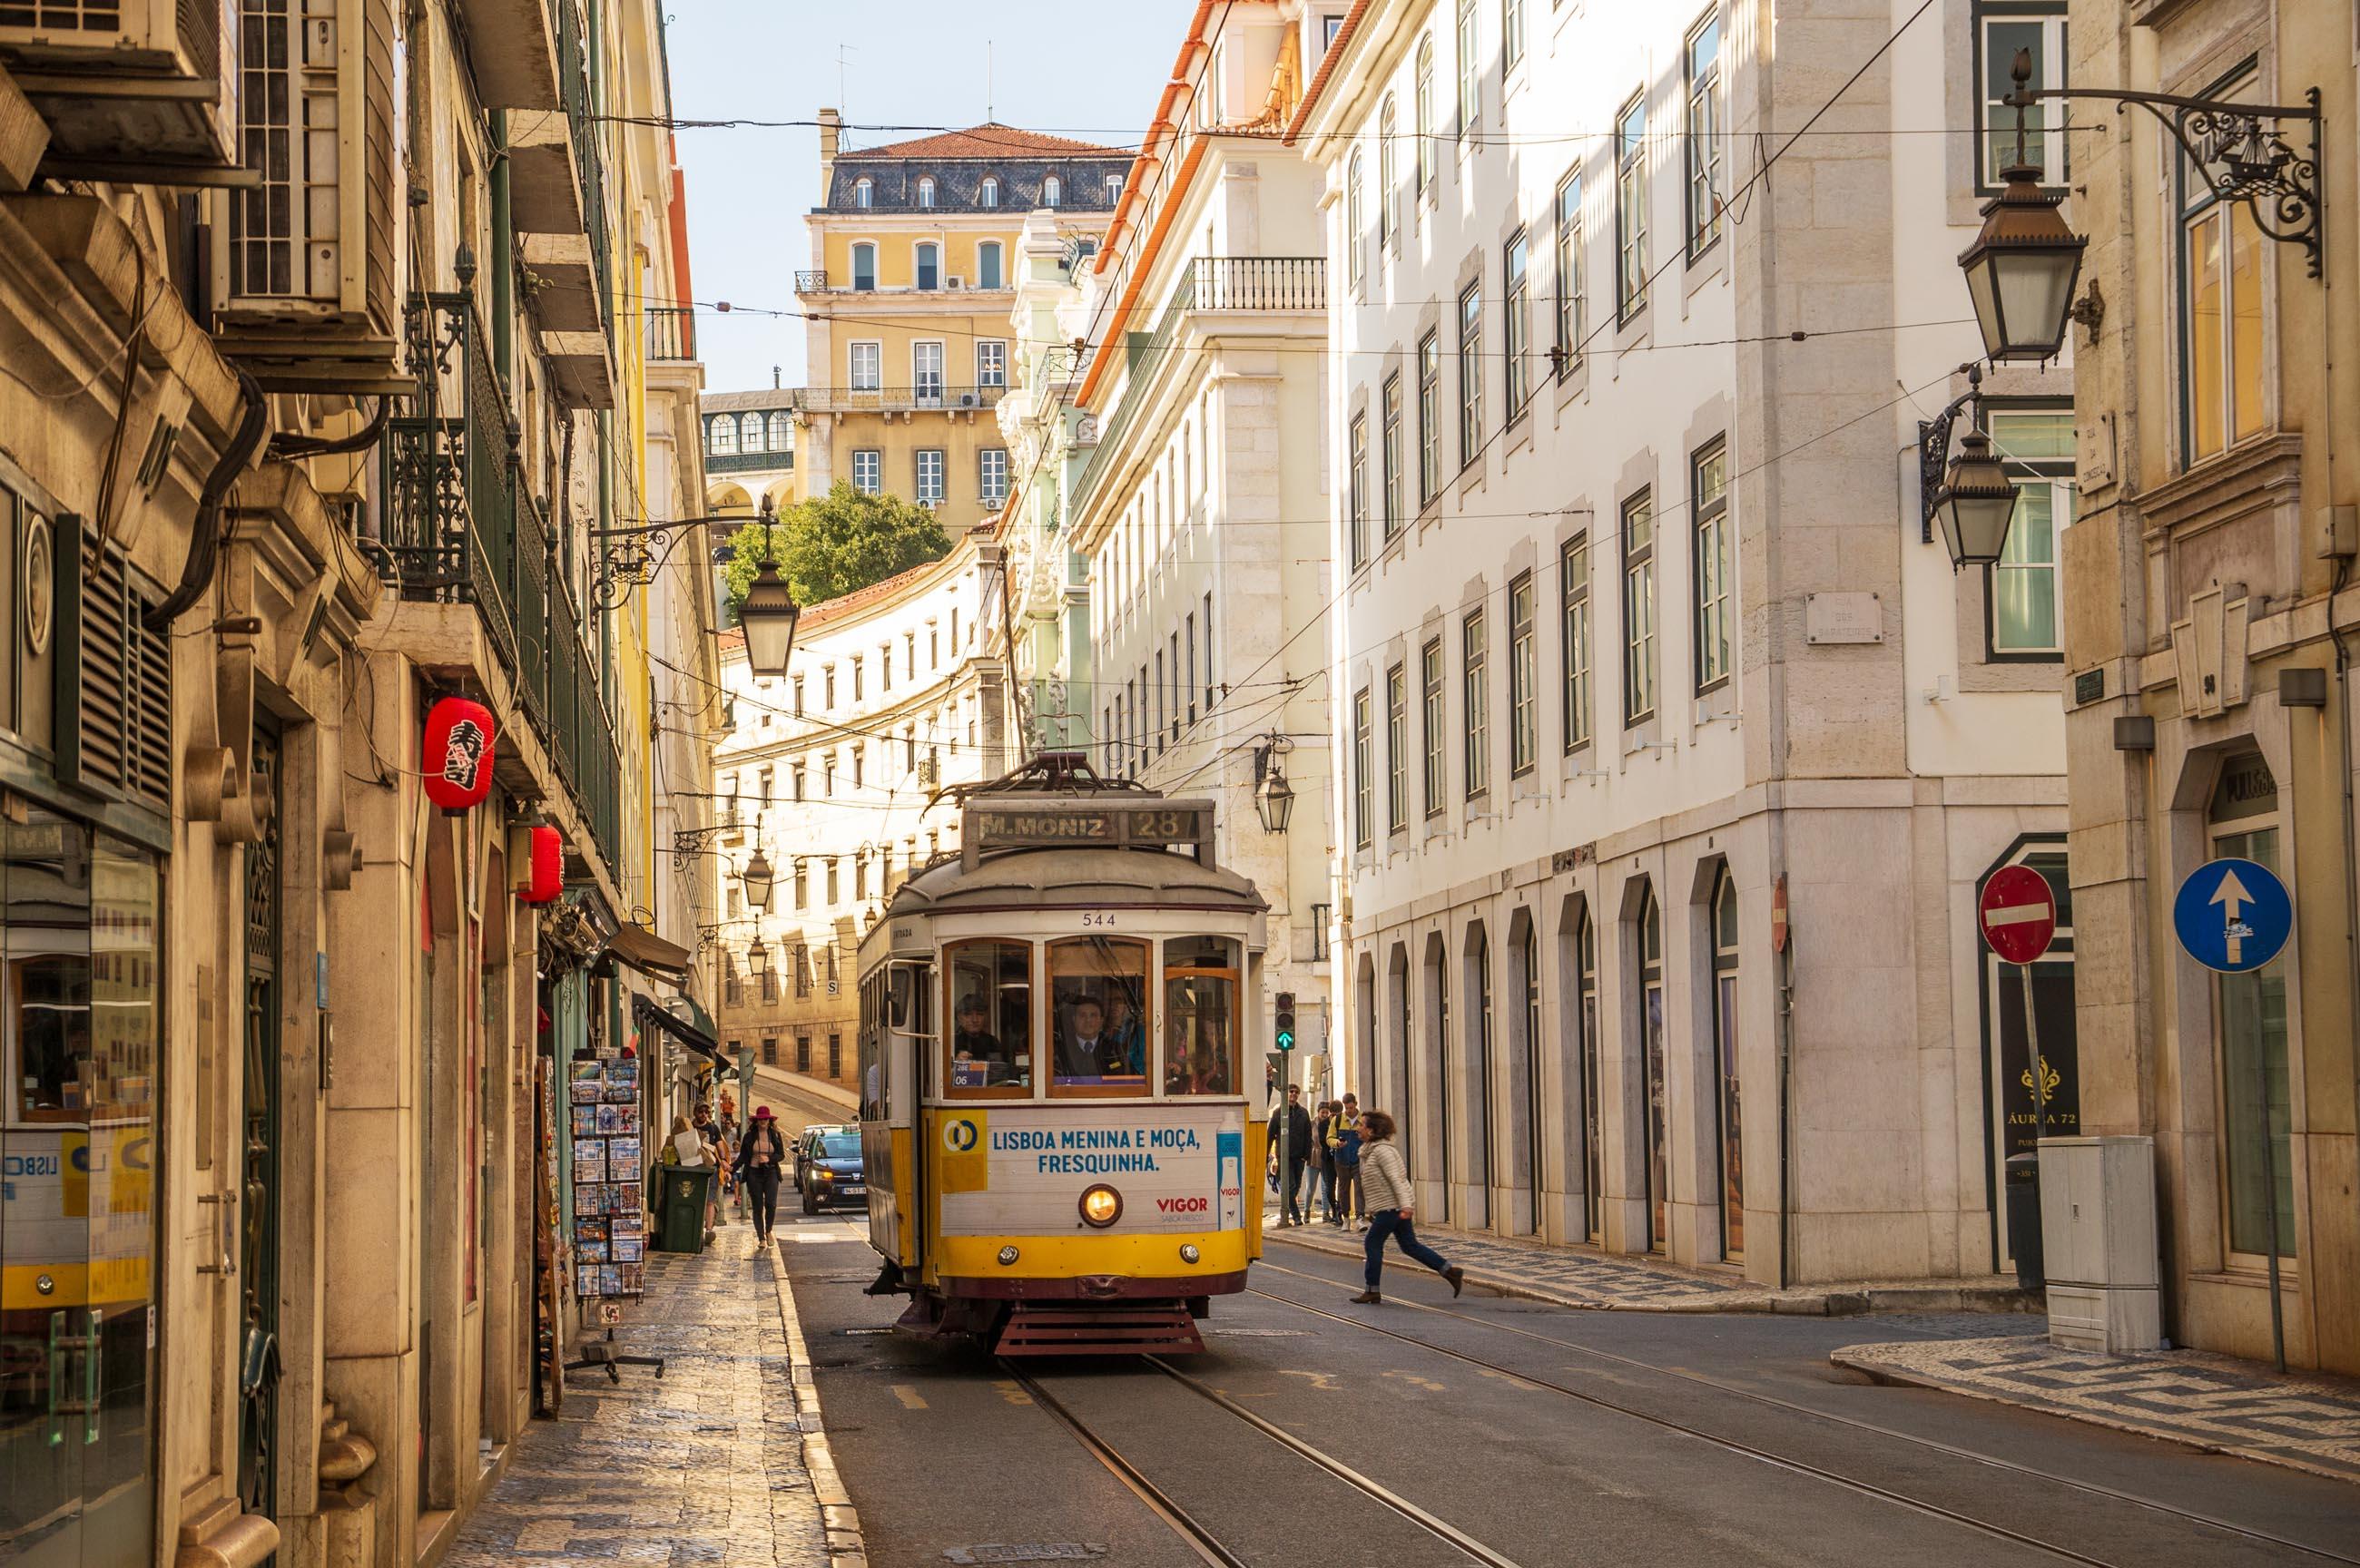 https://bubo.sk/uploads/galleries/7377/jozefzeliznakst_portugalsko_lisabon_dsc05962.jpg